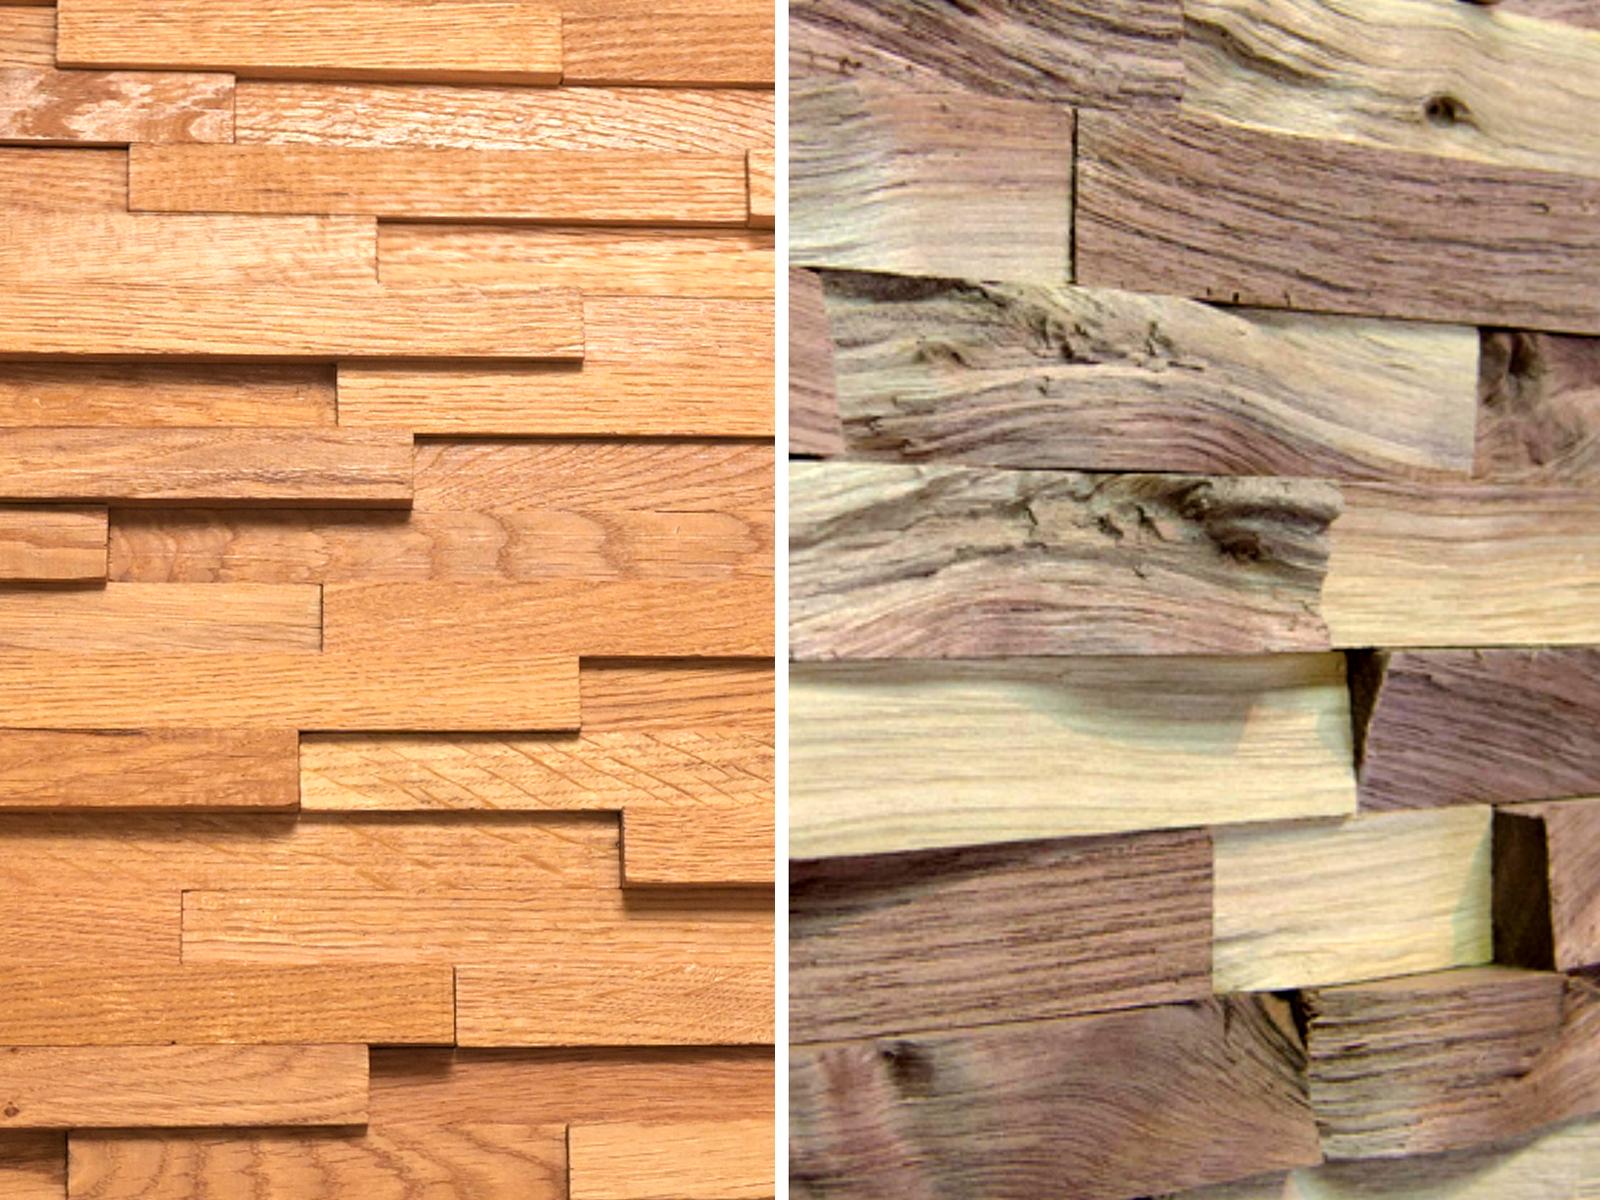 Bal oldalon a gyalult, jobb oldalon a hasított felületű Wallure falpanel látható.